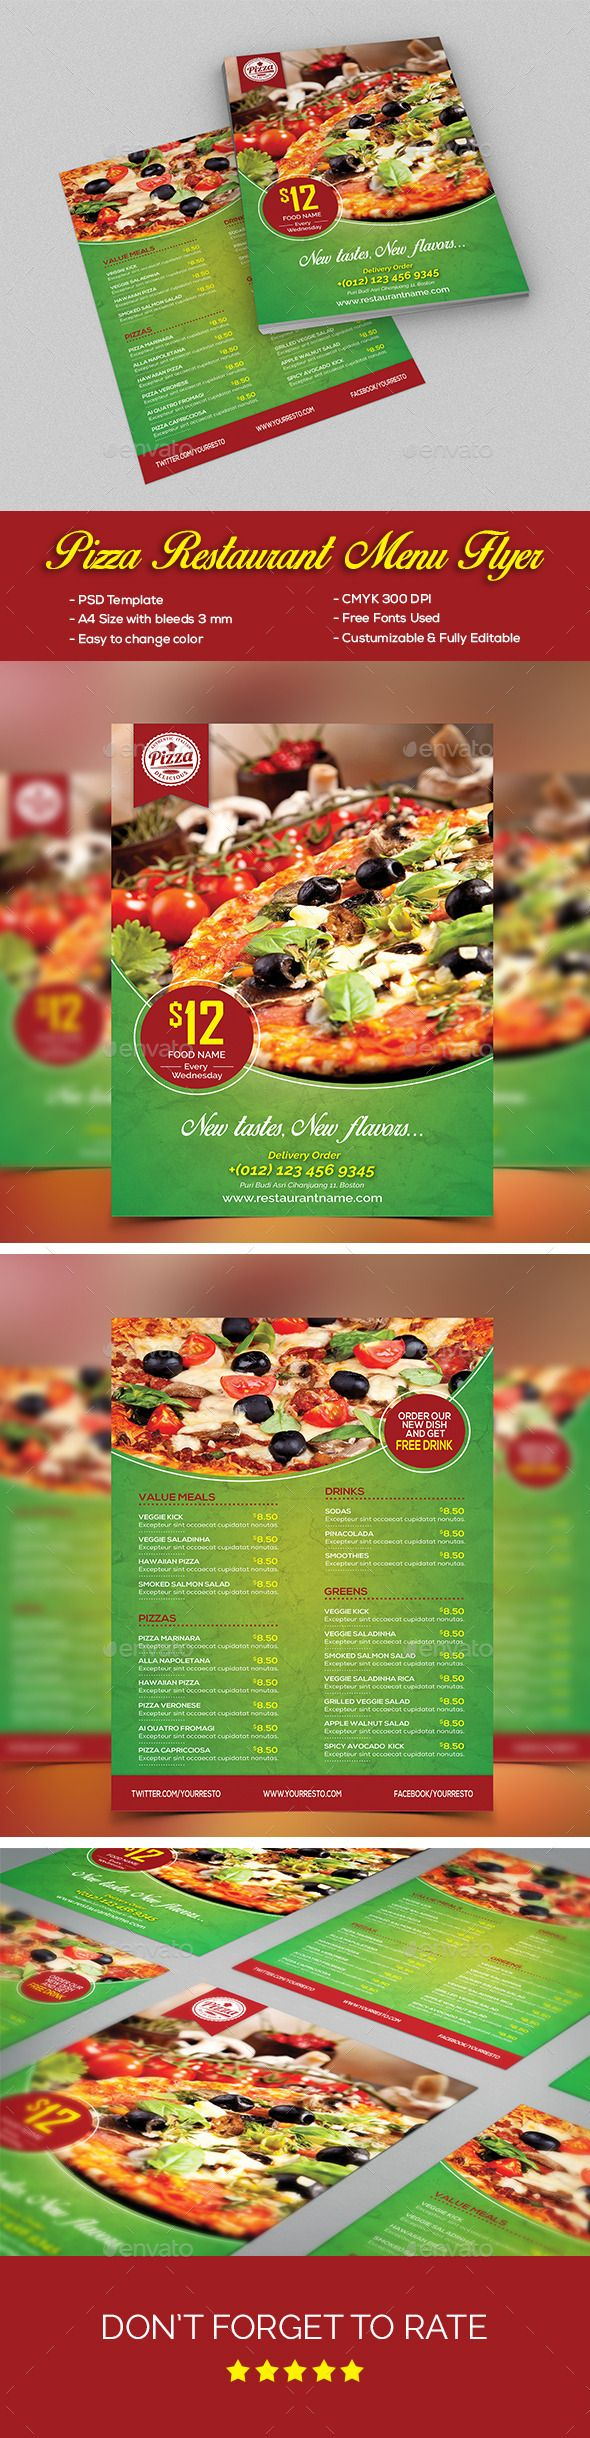 Pizza Restaurant Menu Flyer | Folletos, Portafolio y Revistas